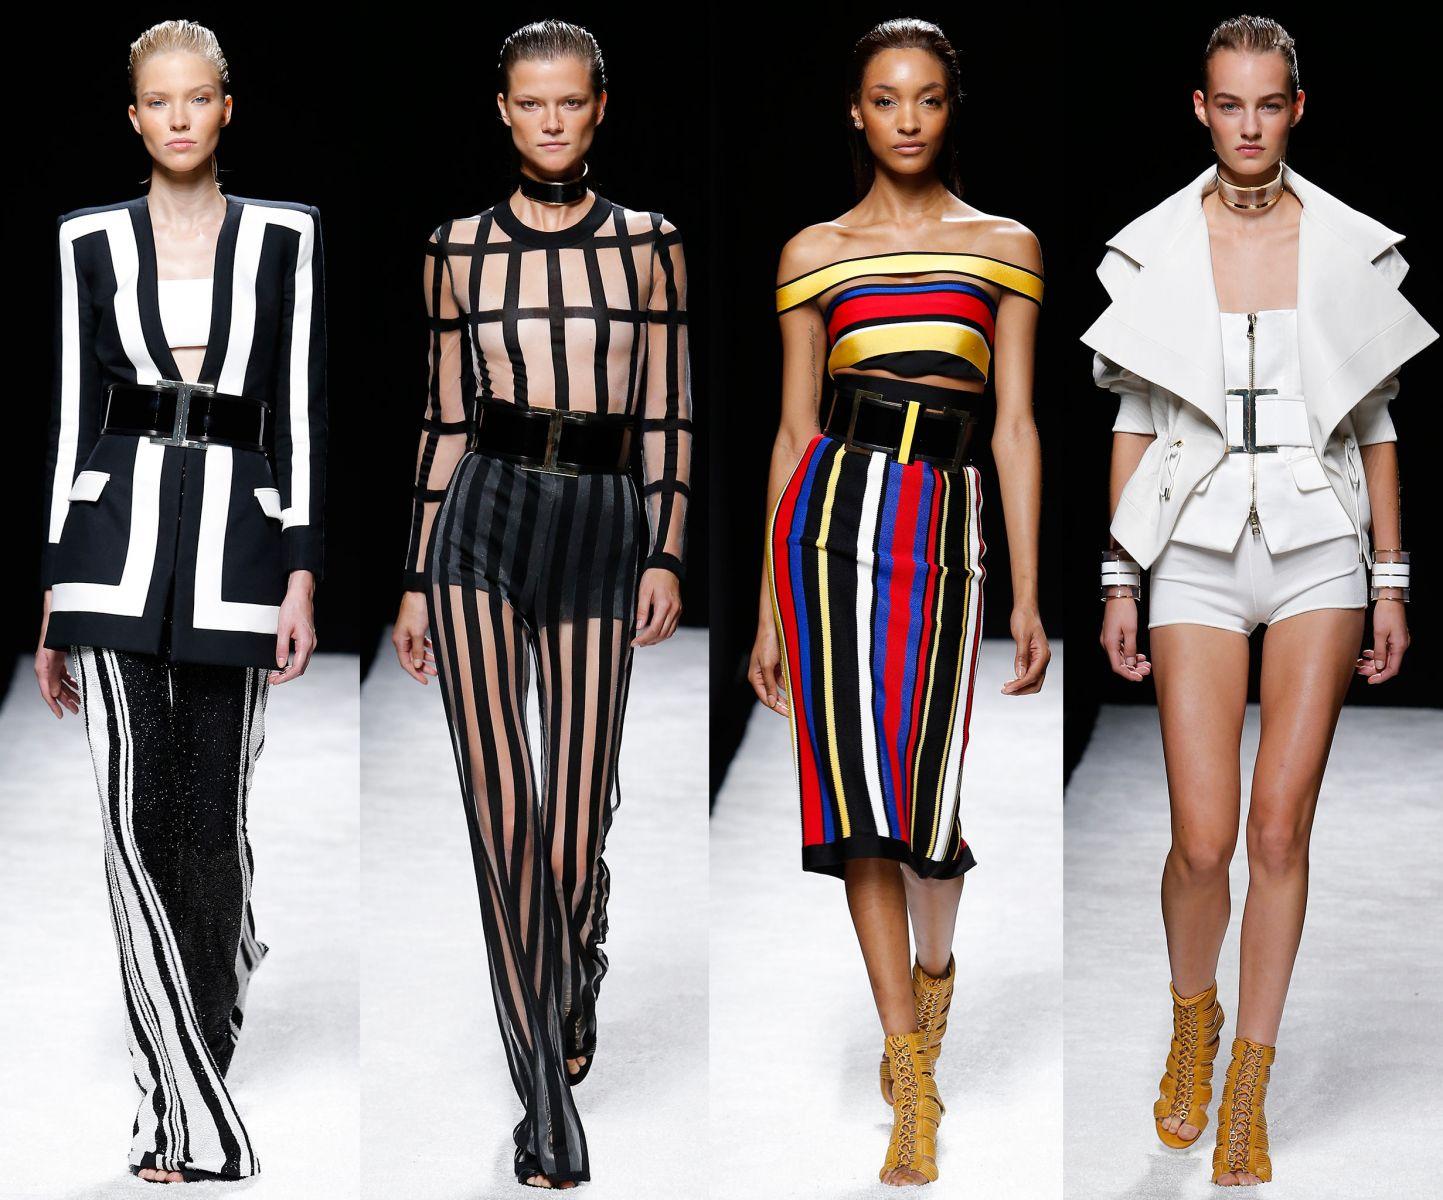 Неделя моды в Париже: Balmain, весна-лето 2015 - фото №1